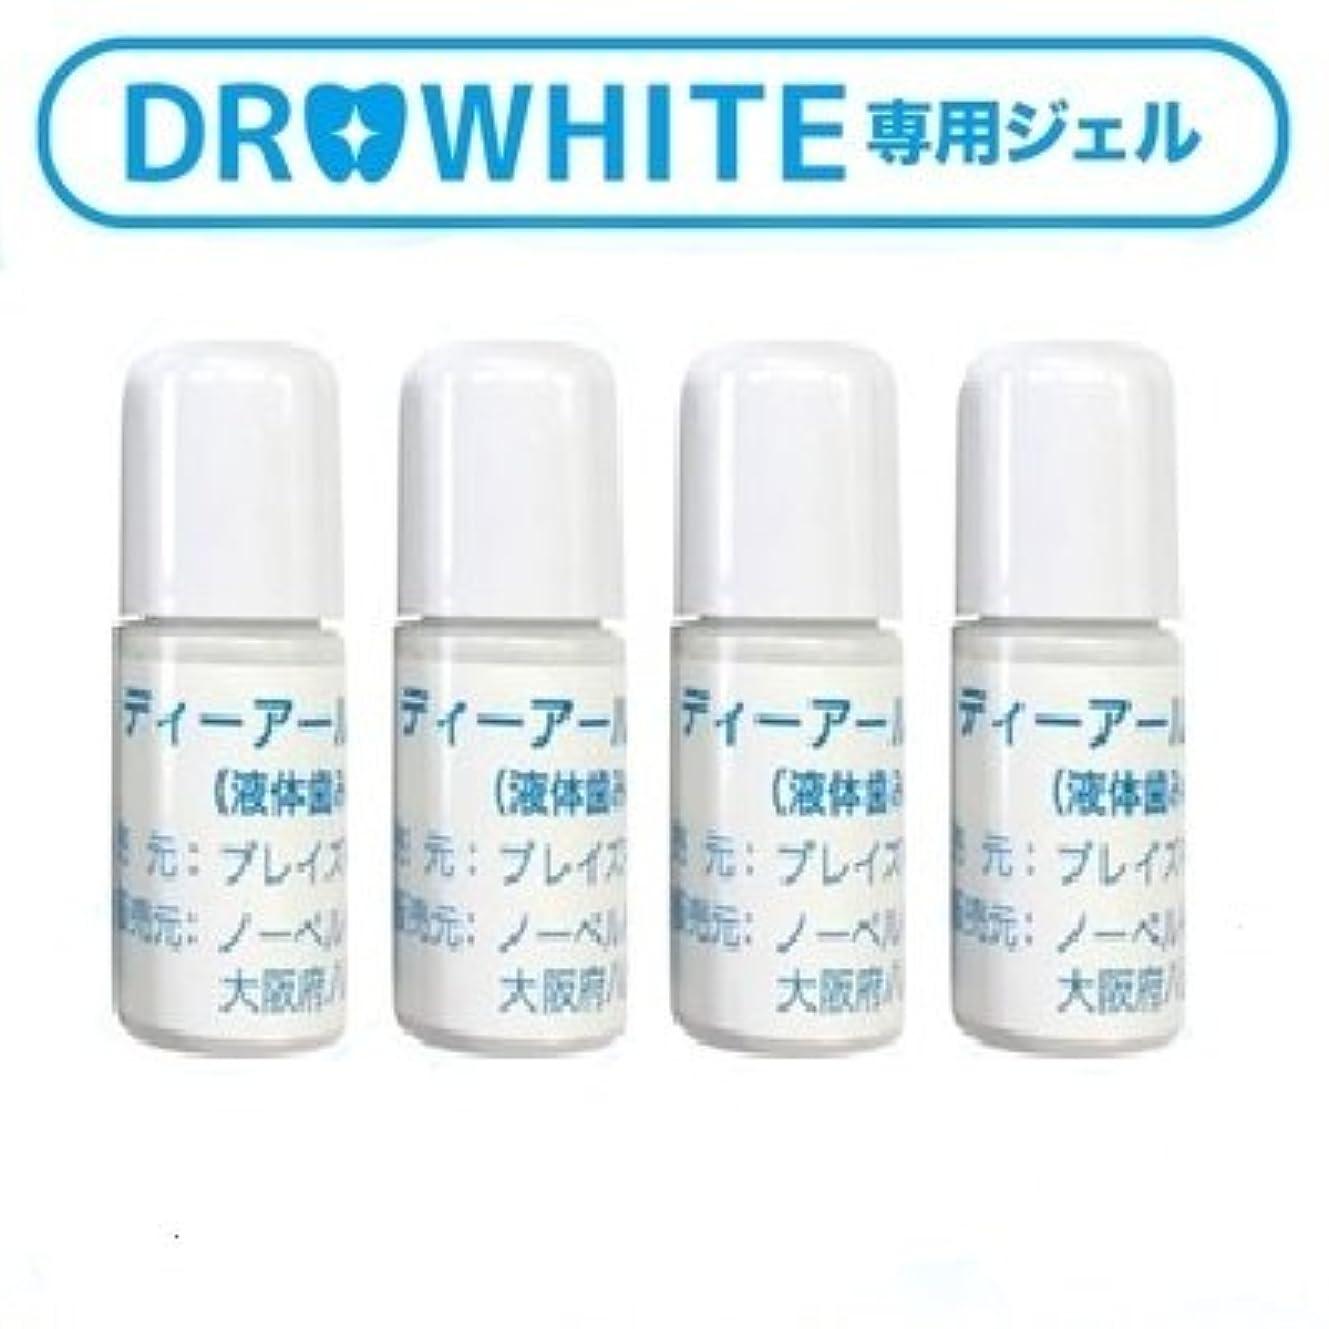 四プロポーショナル振り向くDR.WHITE(ドクターホワイト)用 液体歯みがき4本